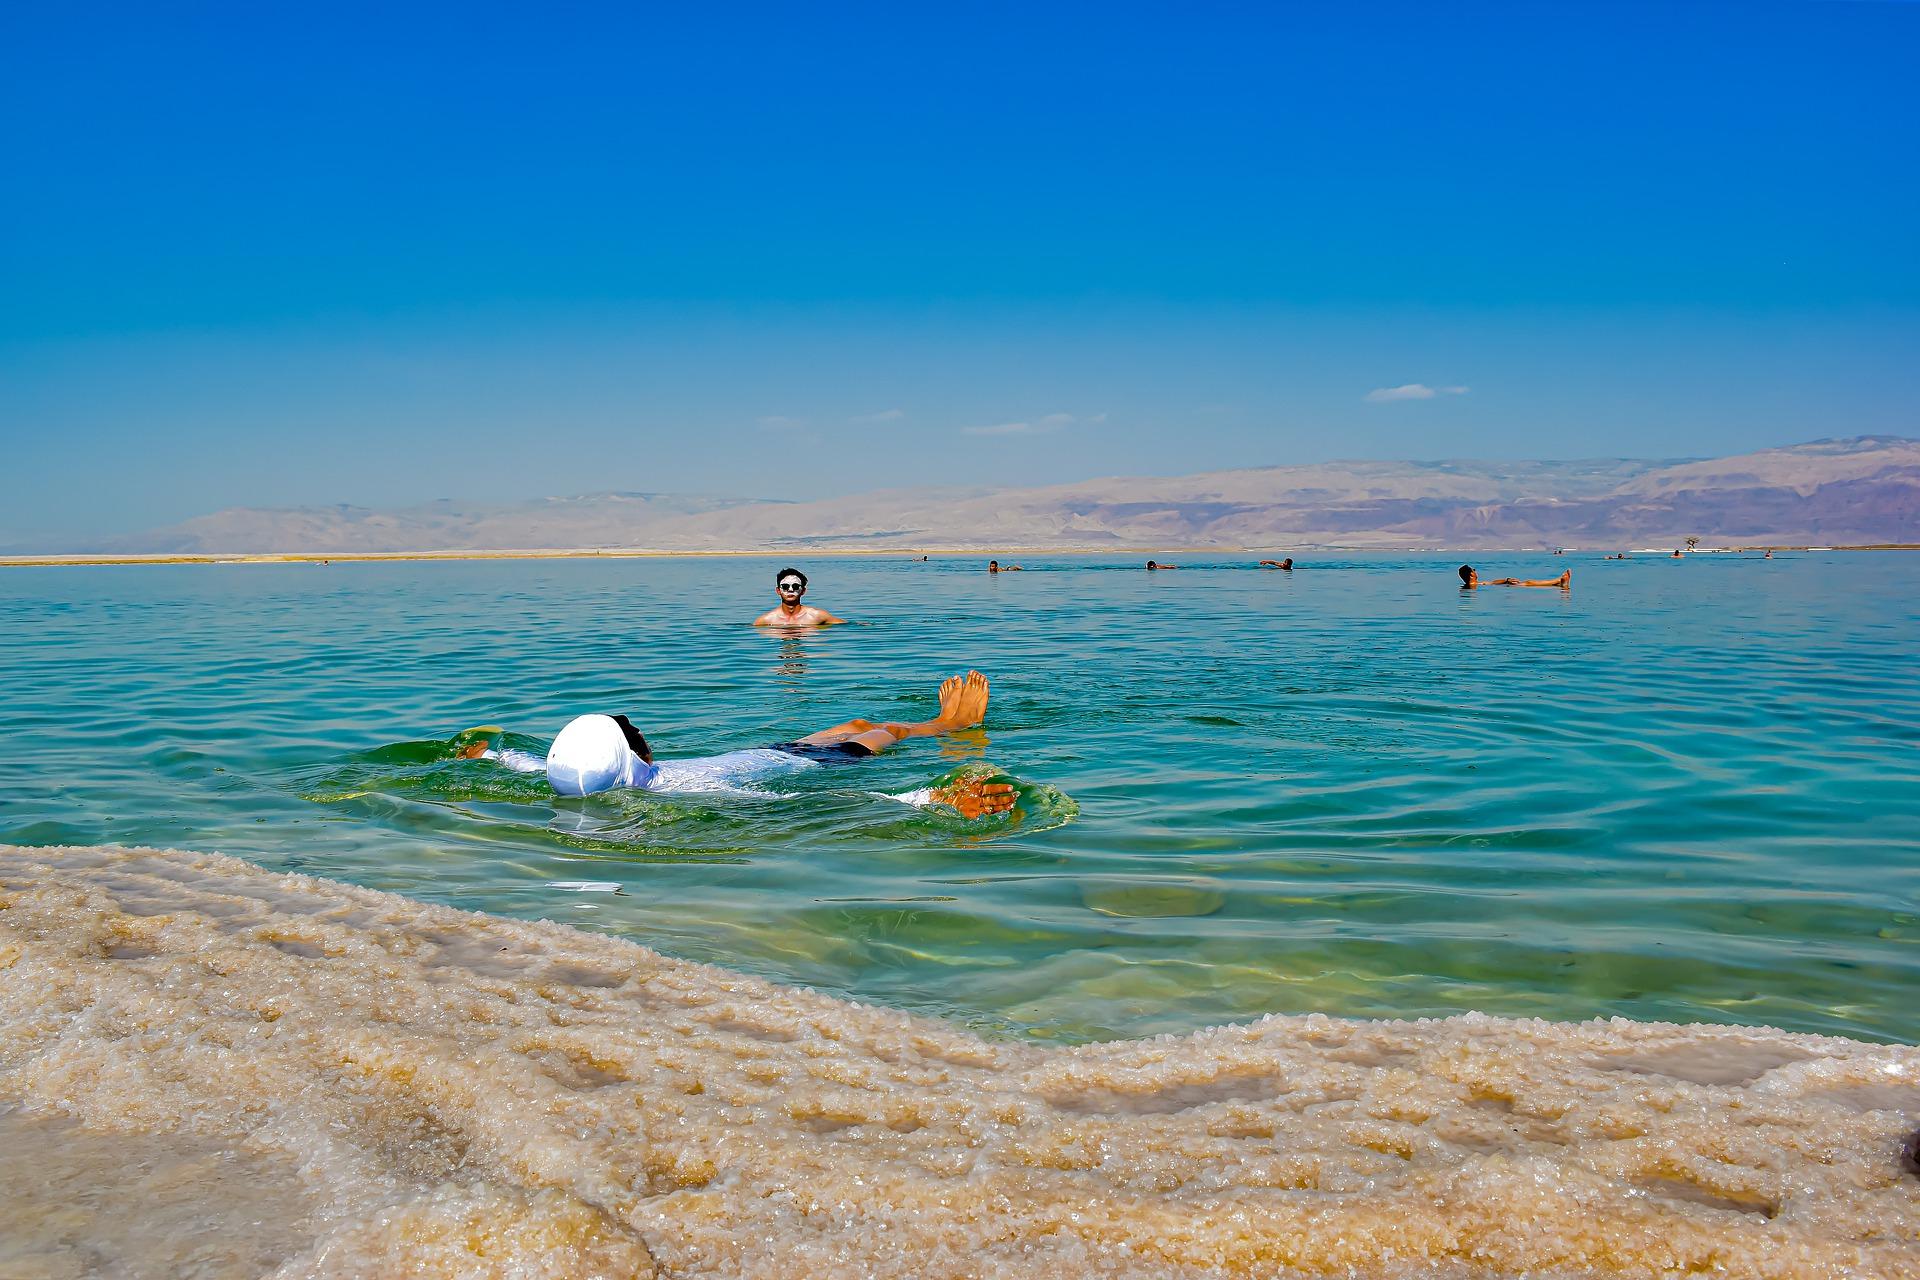 turismo en jordania mar muerto